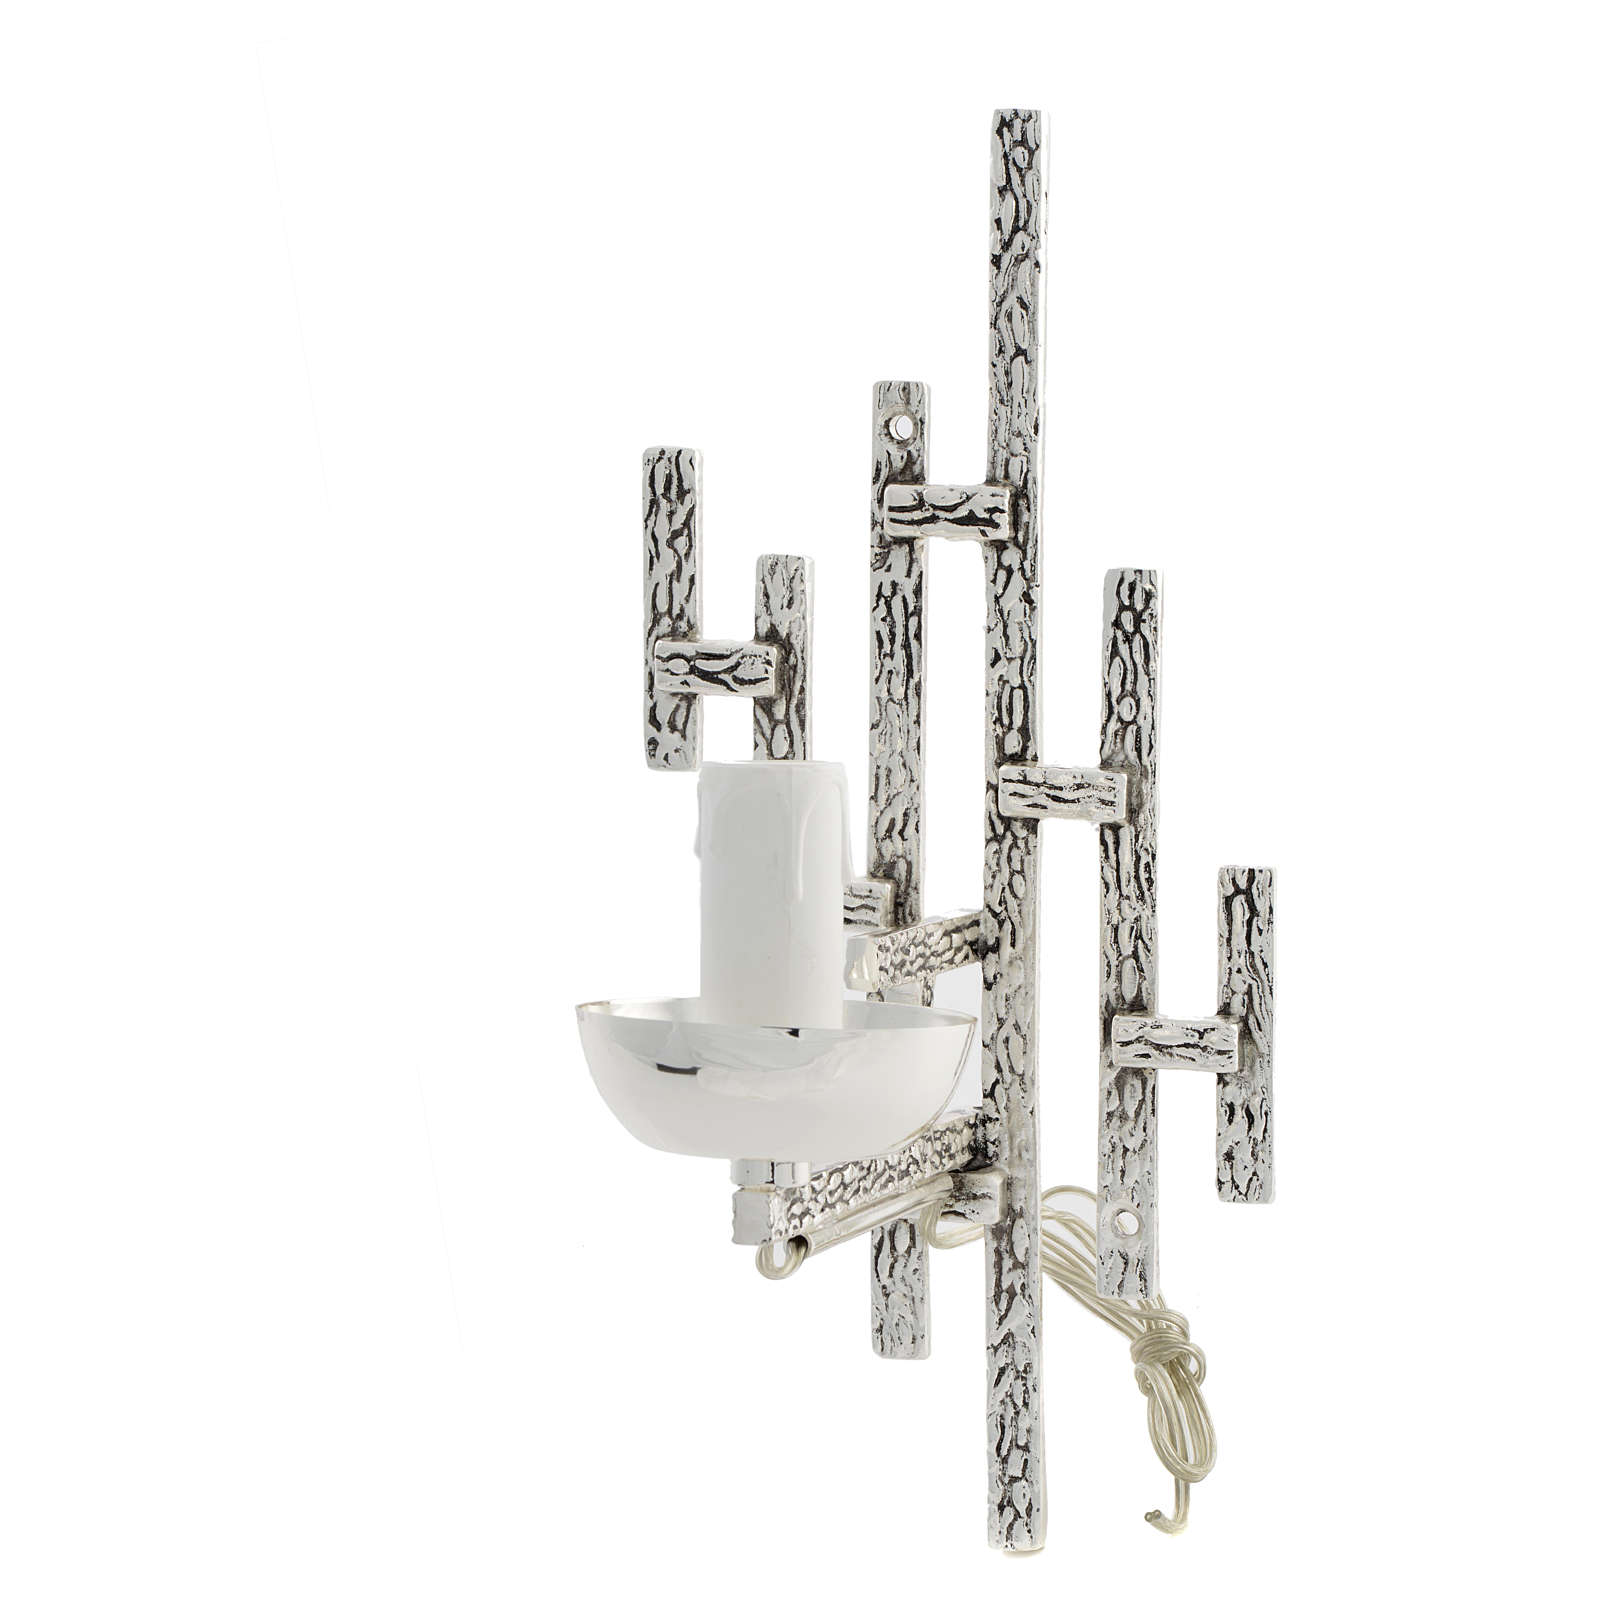 Braccio per Via Crucis ottone con candela elettrica 3